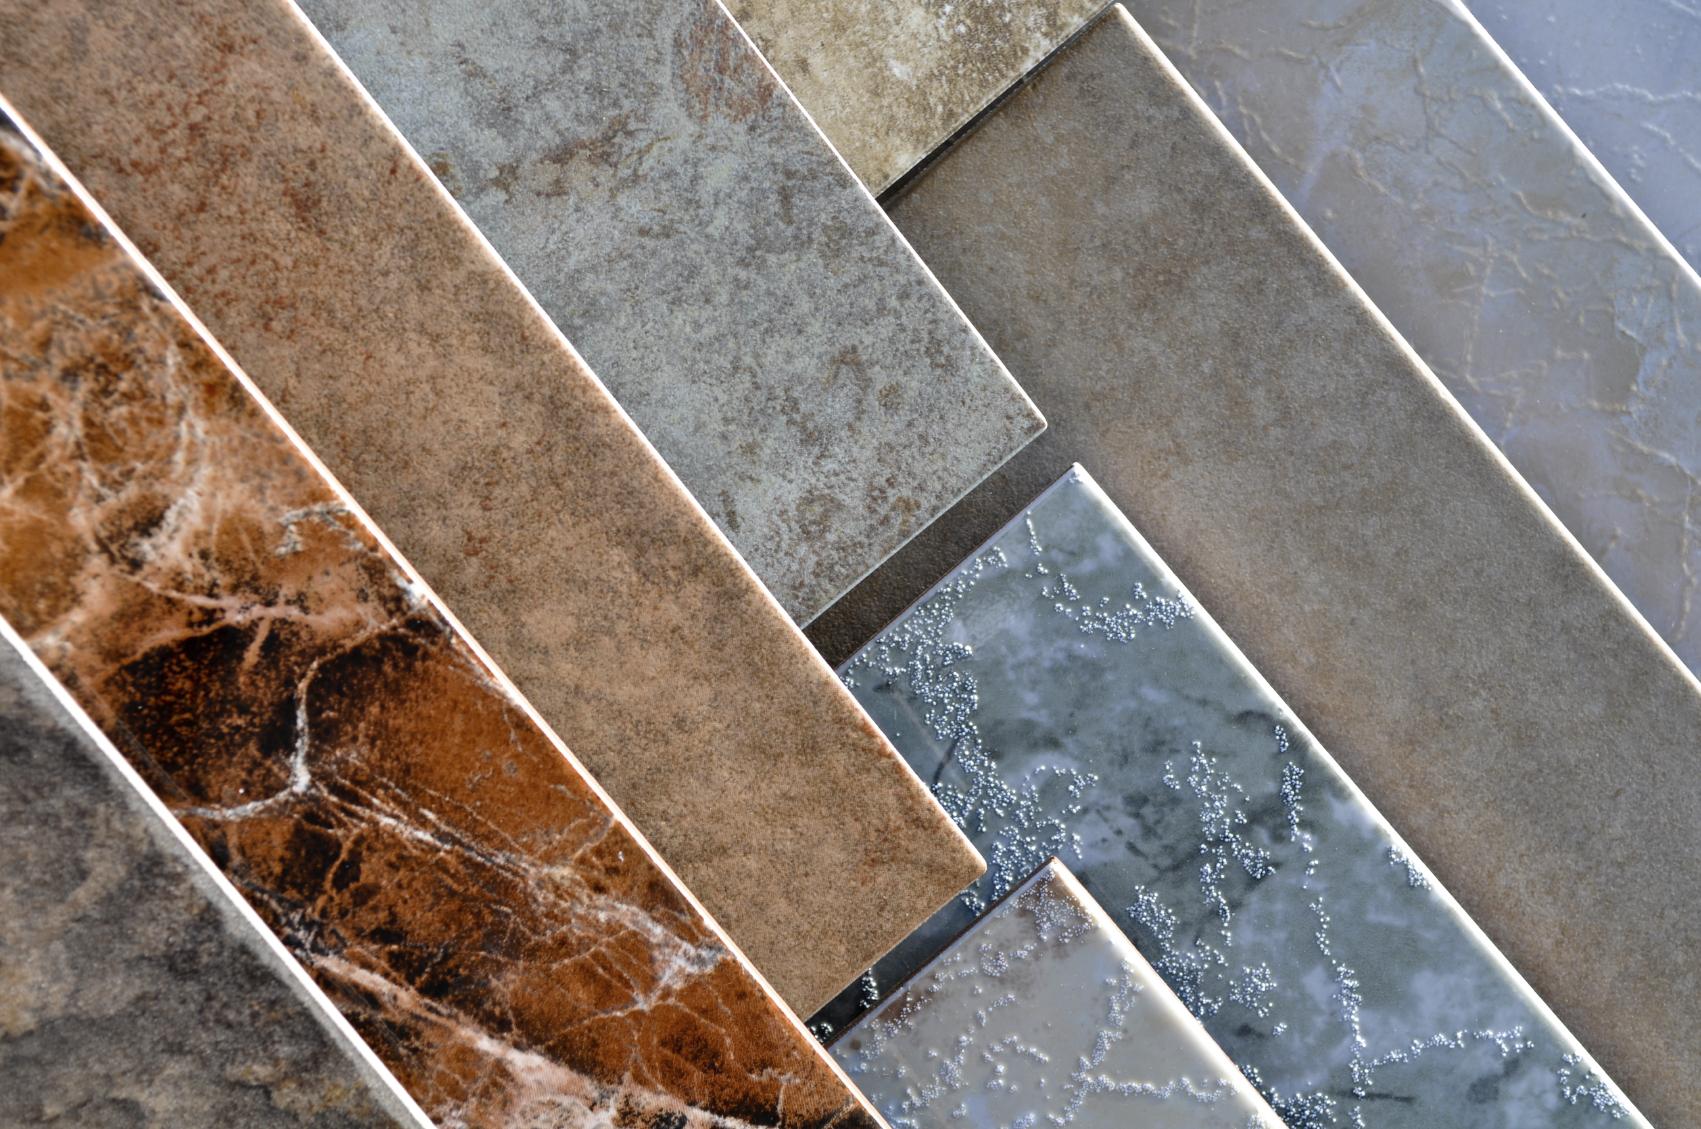 Gạch Ceramic hay còn một tên khác là gạch men, đây là một sản phẩm rất thông dụng với các công trình nhà ở.